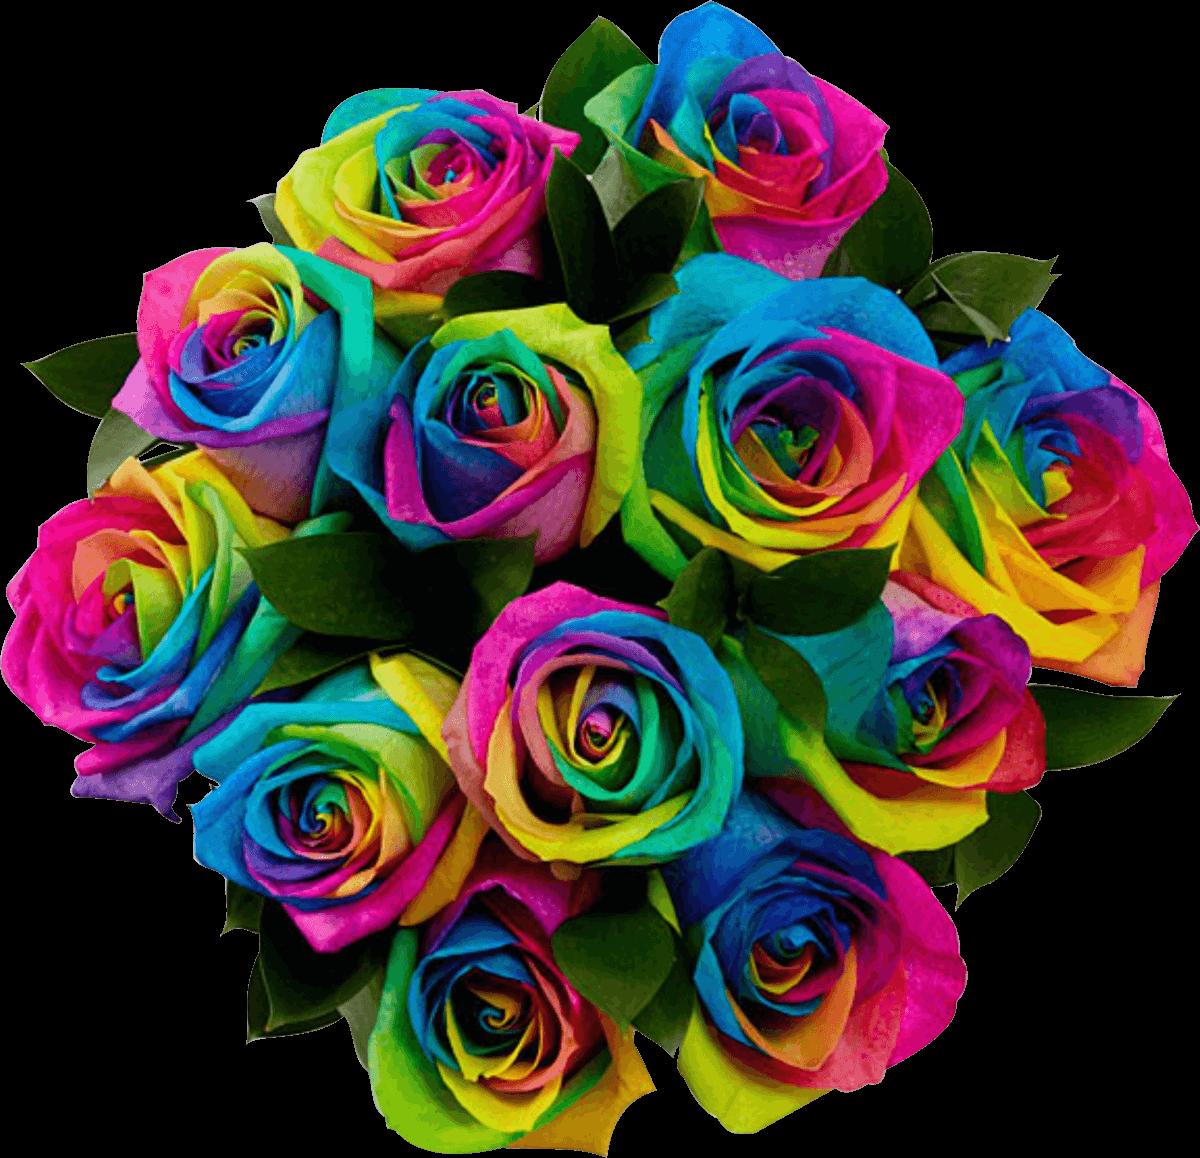 Букет разноцветных роз картинка